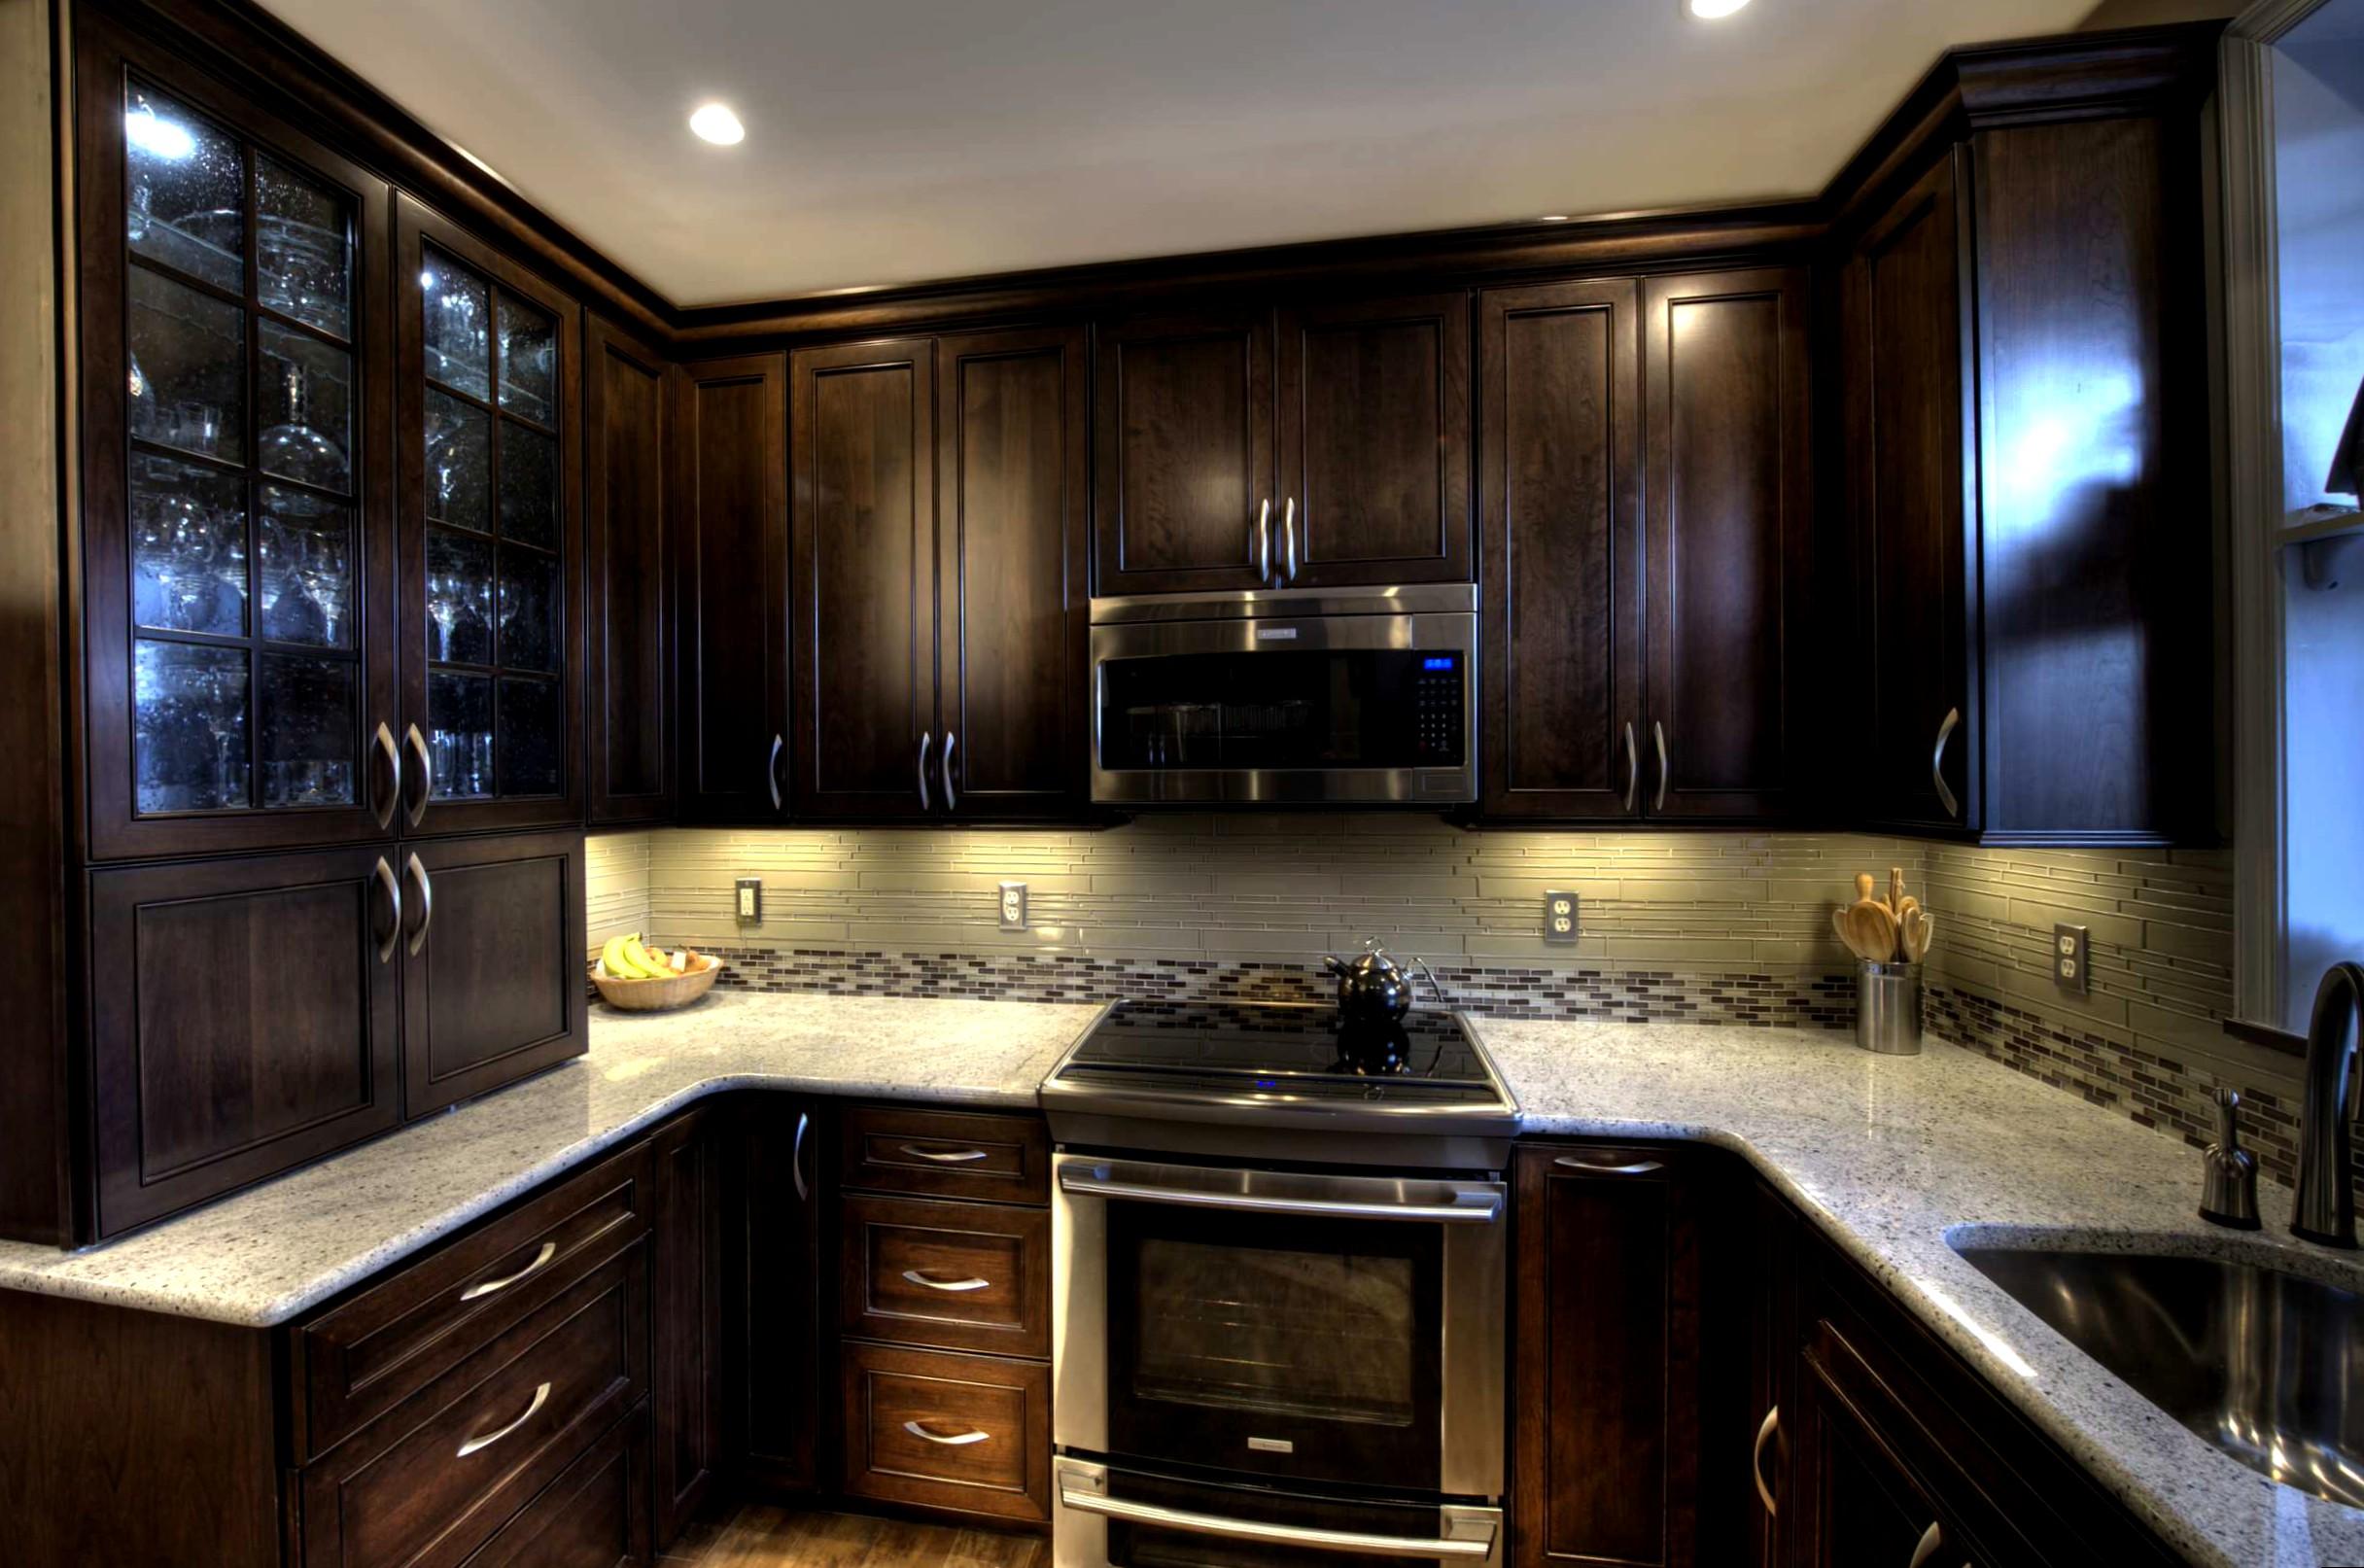 kitchen-photo-6737